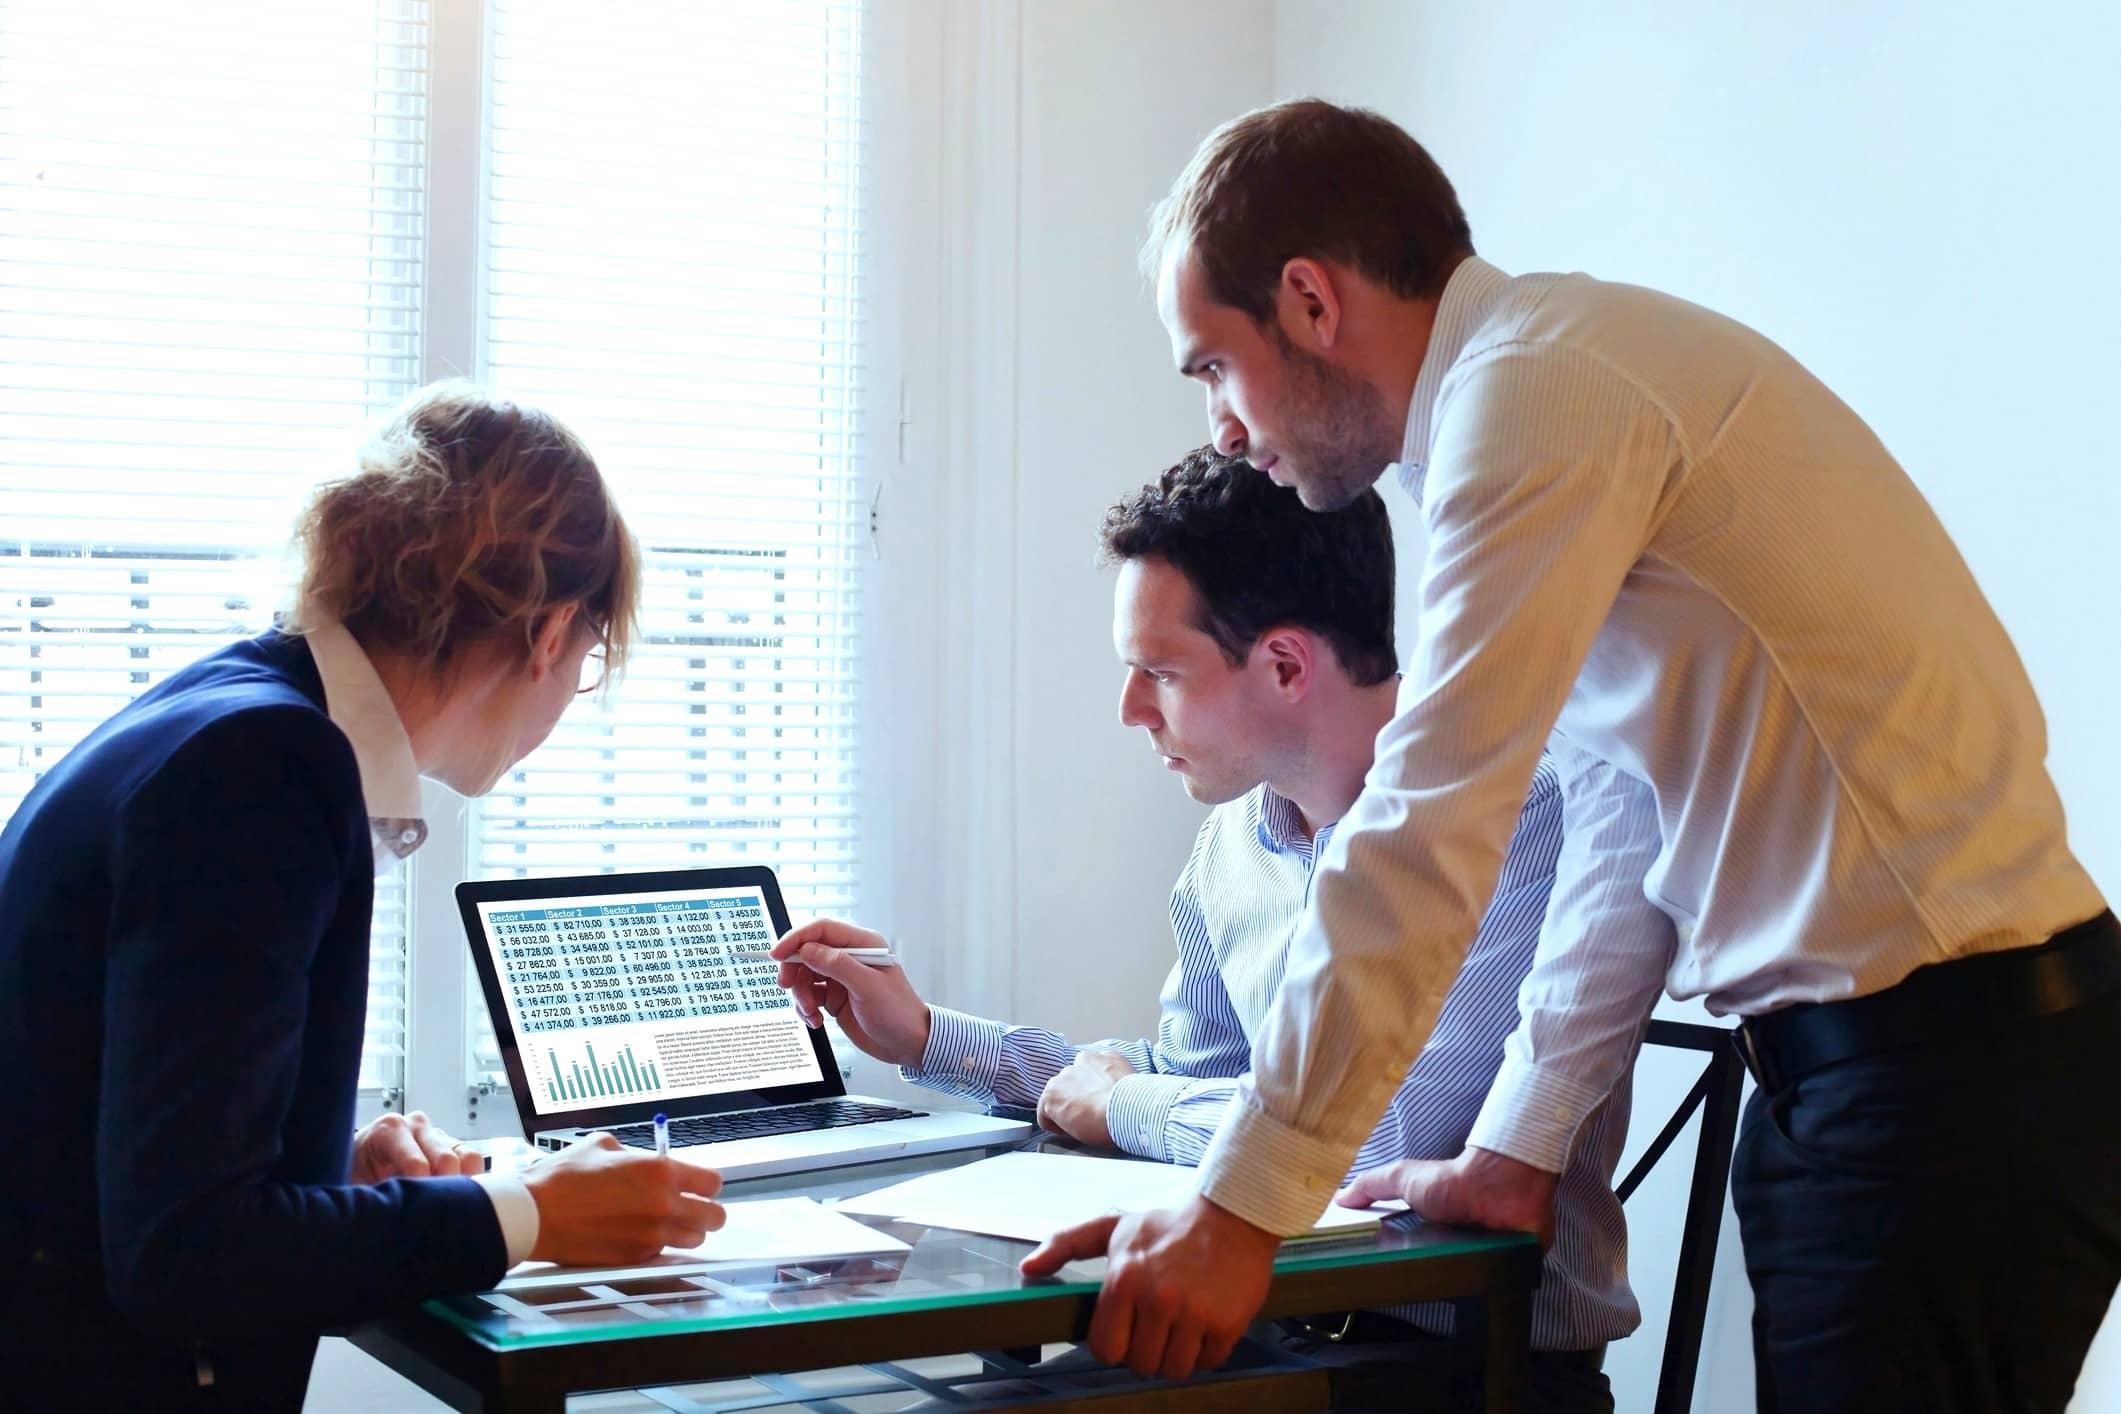 Relatório integrado: como ele ajuda a otimizar a gestão de contas?